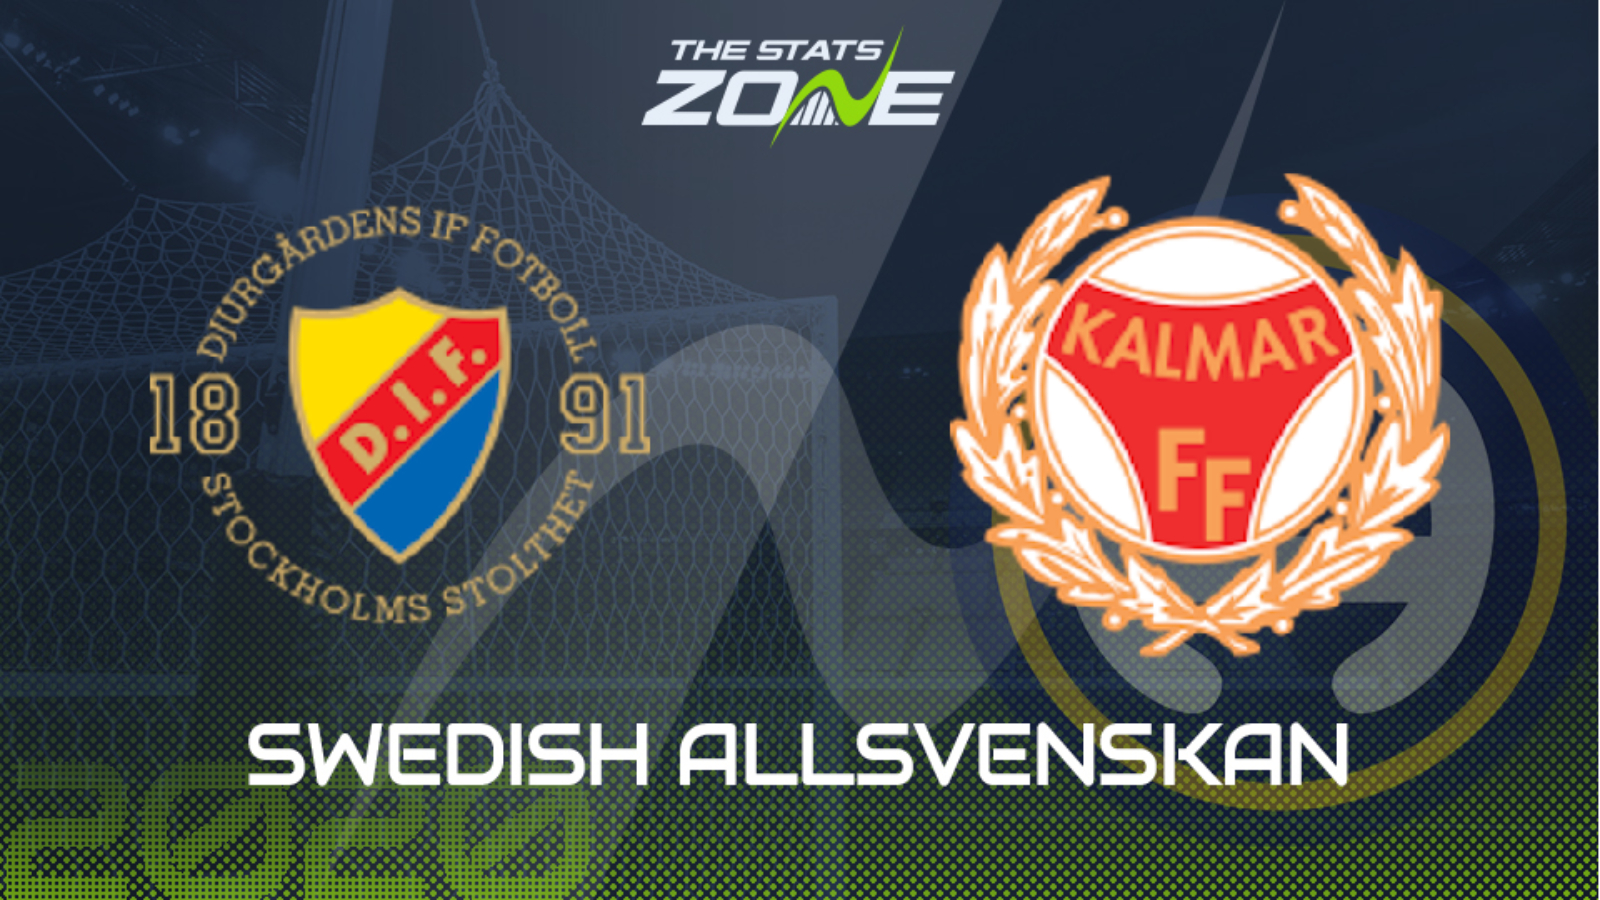 2020 Swedish Allsvenskan Djurgarden Vs Kalmar Preview Prediction The Stats Zone